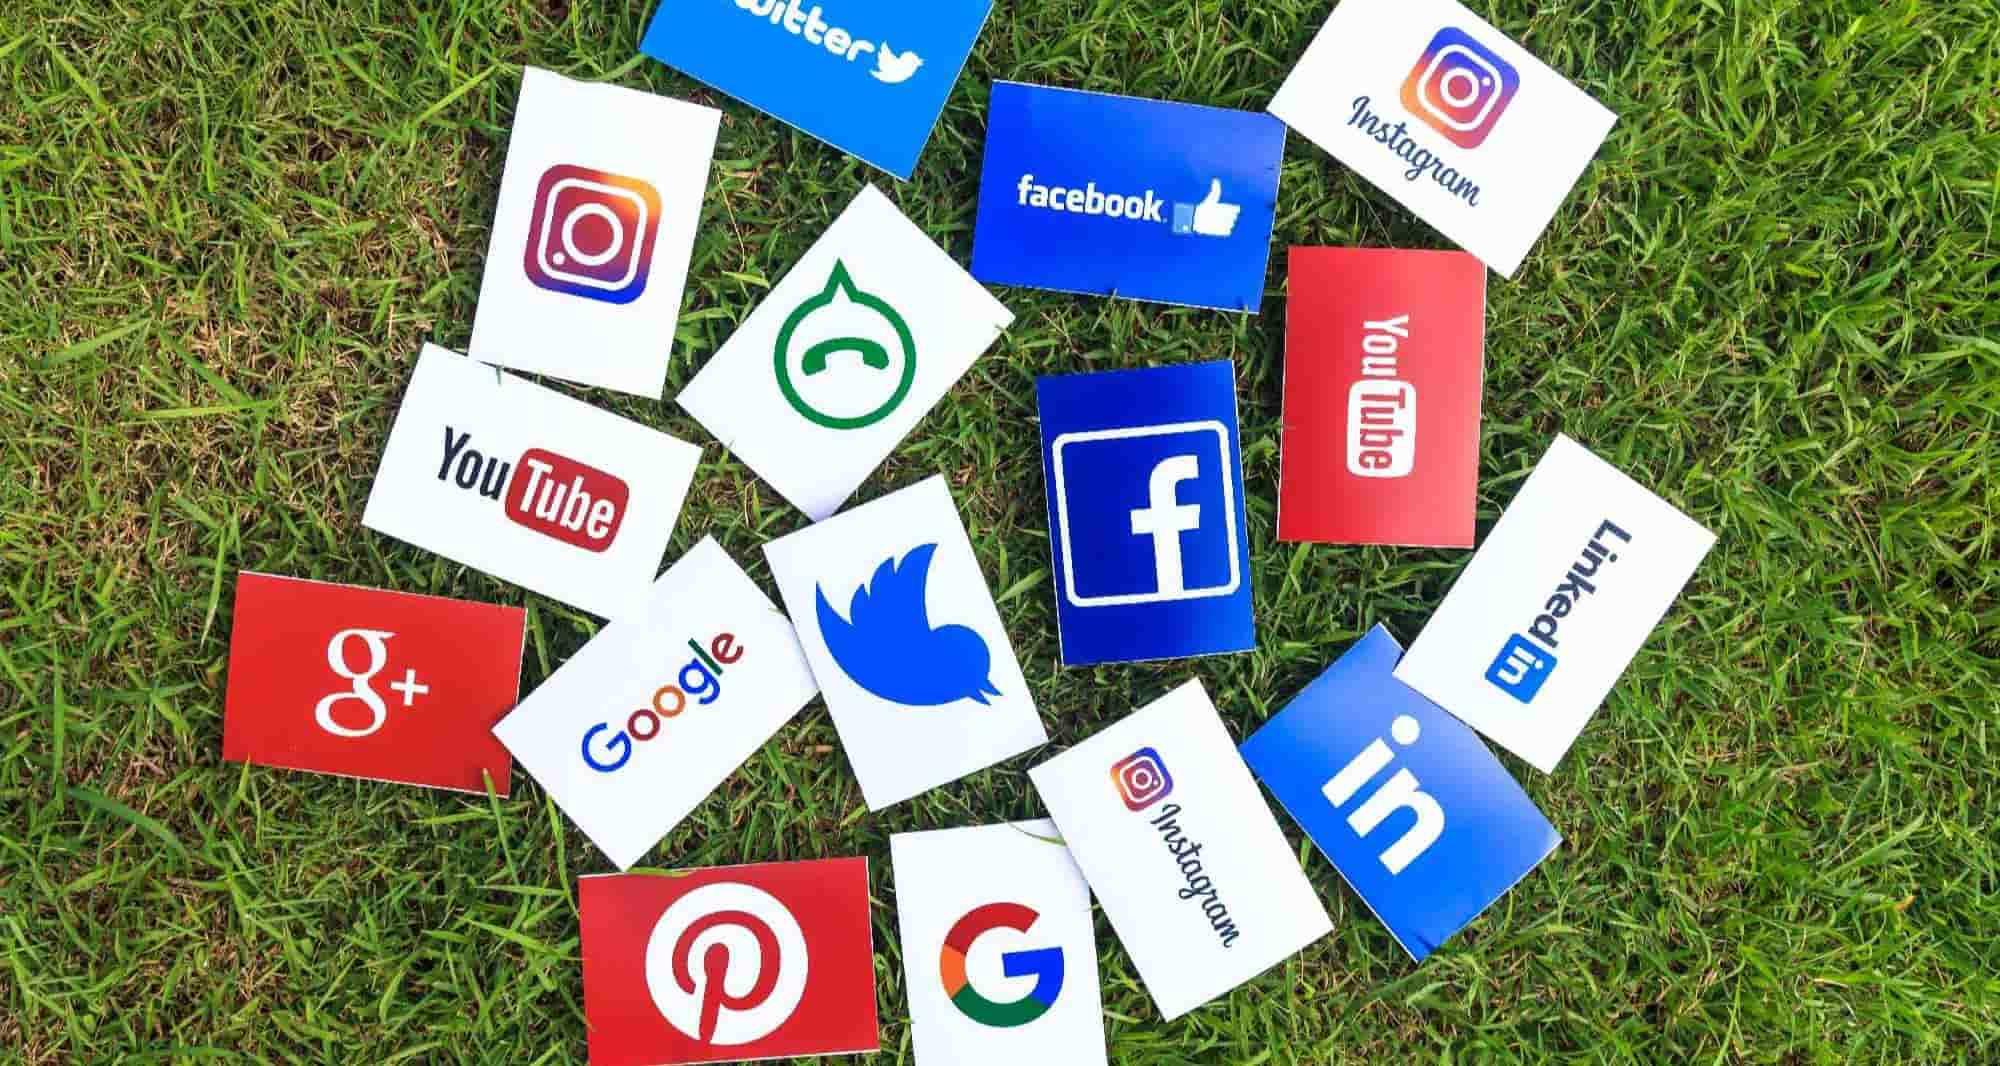 Construire une stratégie réseaux sociaux qui génère des résultats